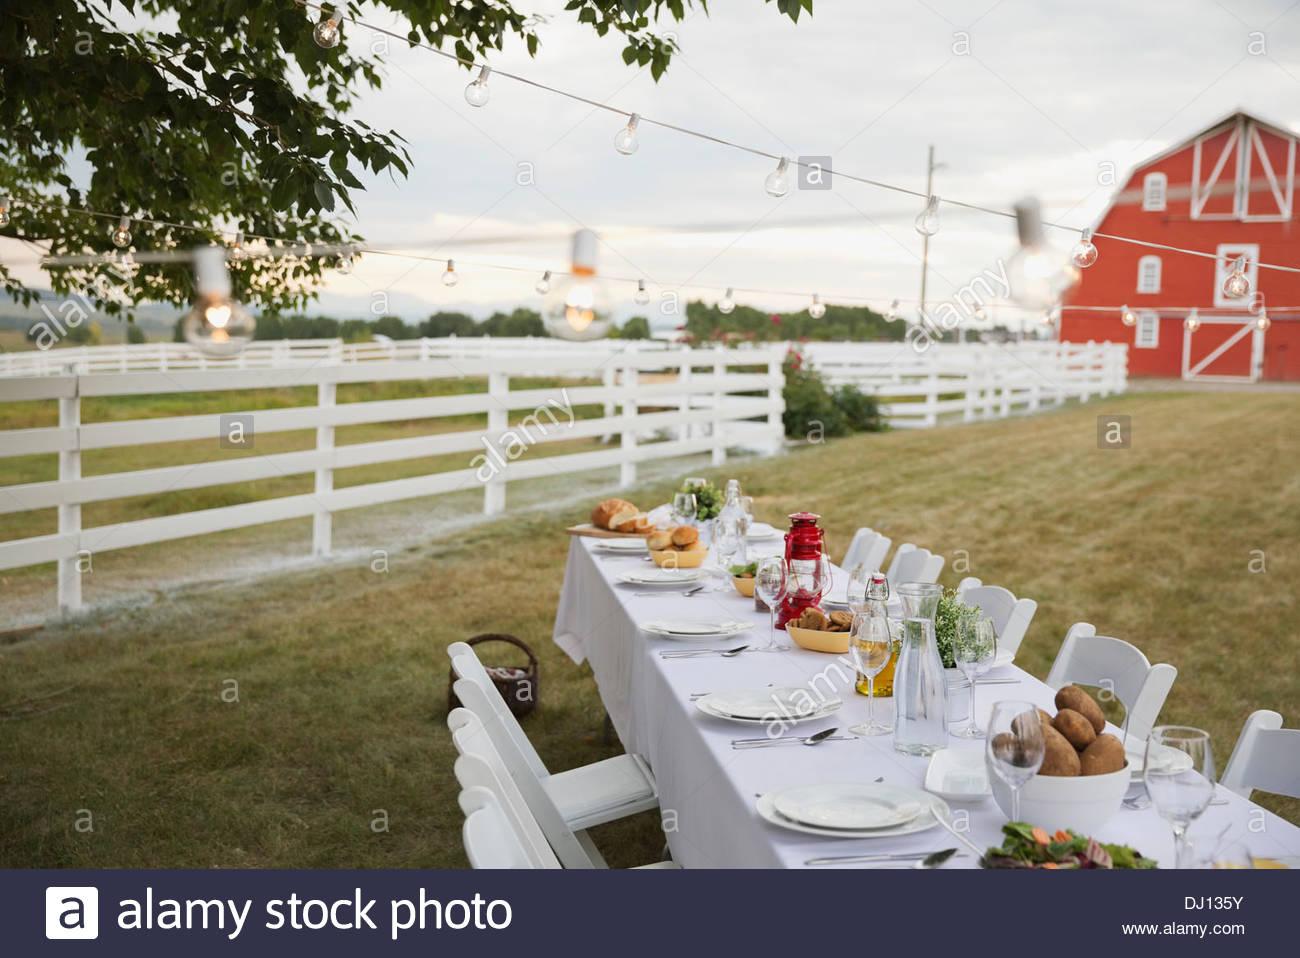 Mesa de comedor vacío creado al aire libre en la granja Imagen De Stock